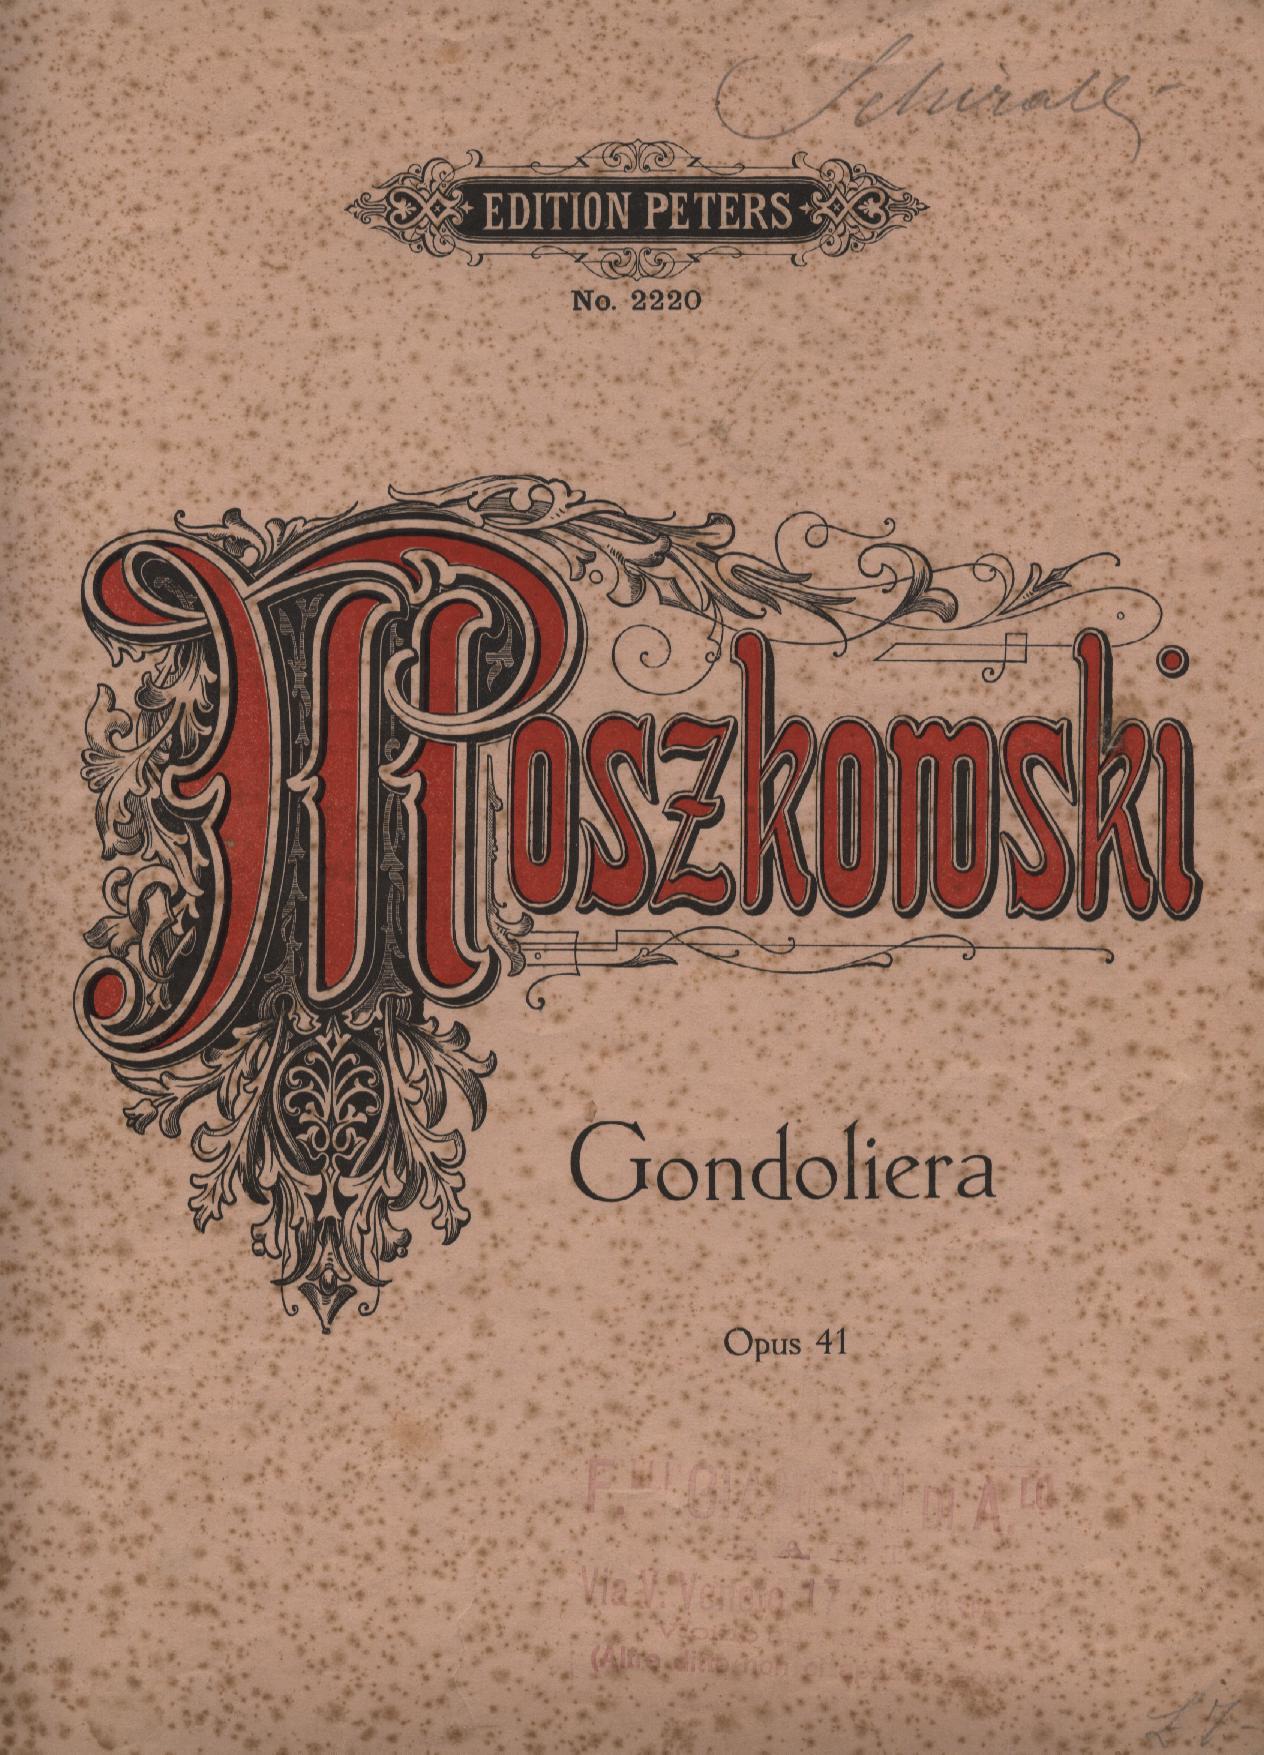 Gondoliera pour le Piano, op.41